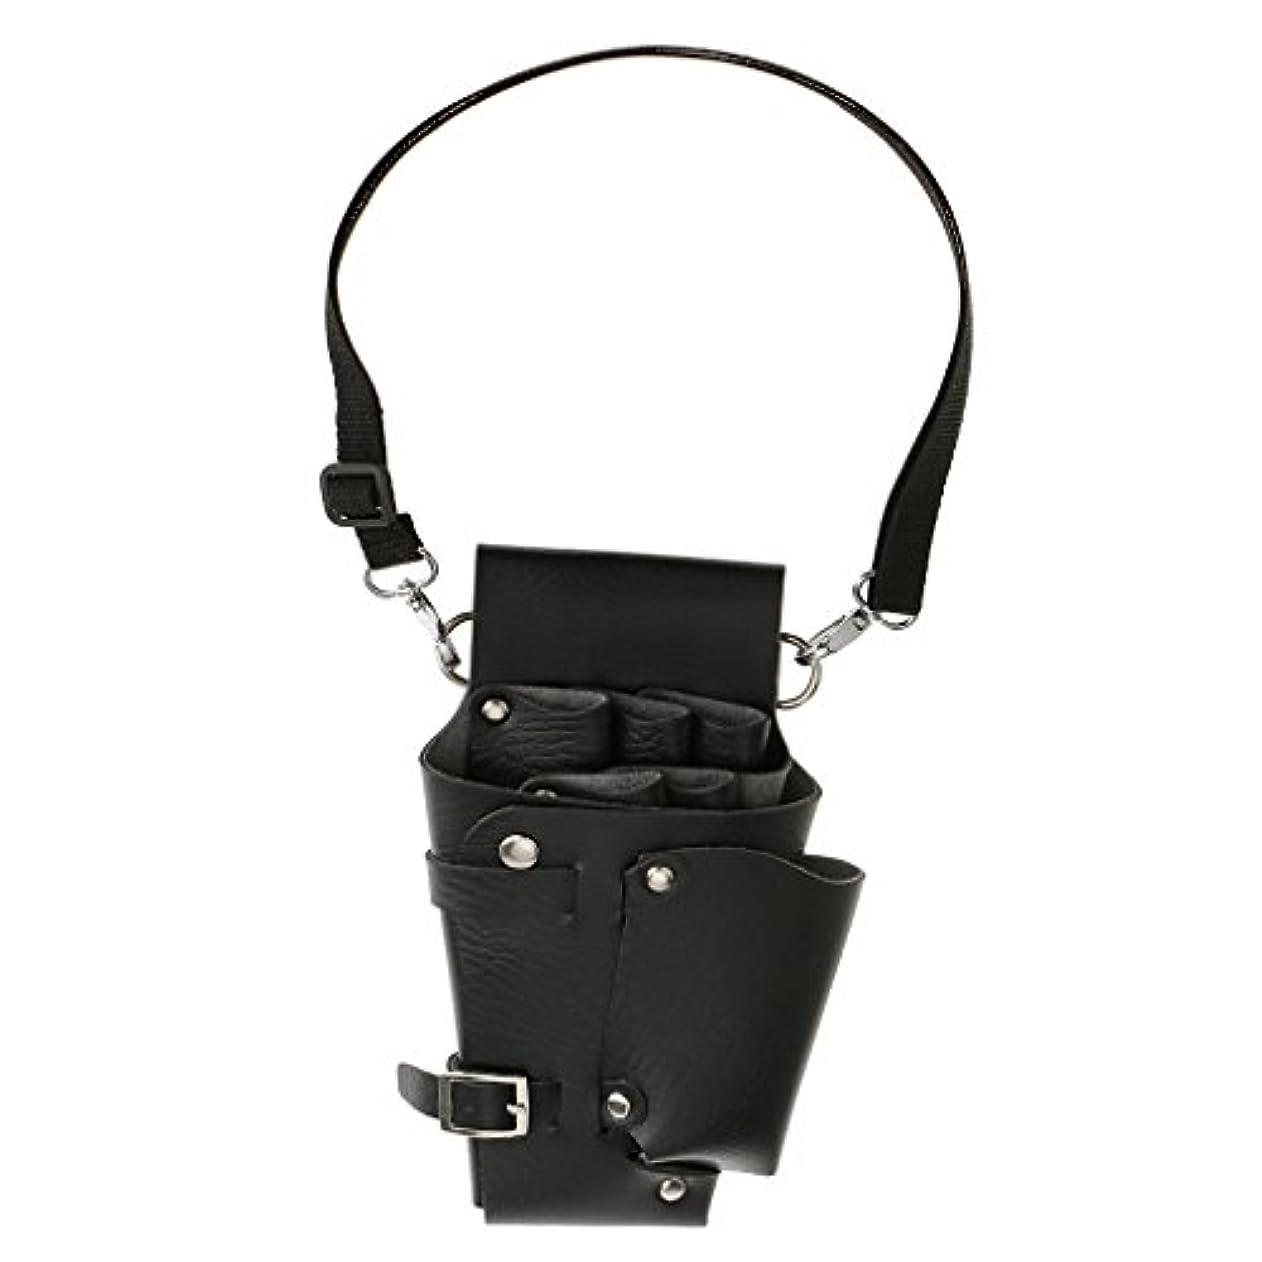 デザイナー適度に珍しい多機能 PU製 はさみ袋 櫛 クリップ 便利グッズ 腰間タイプ 収納バッグ 理髪屋 ホルスター